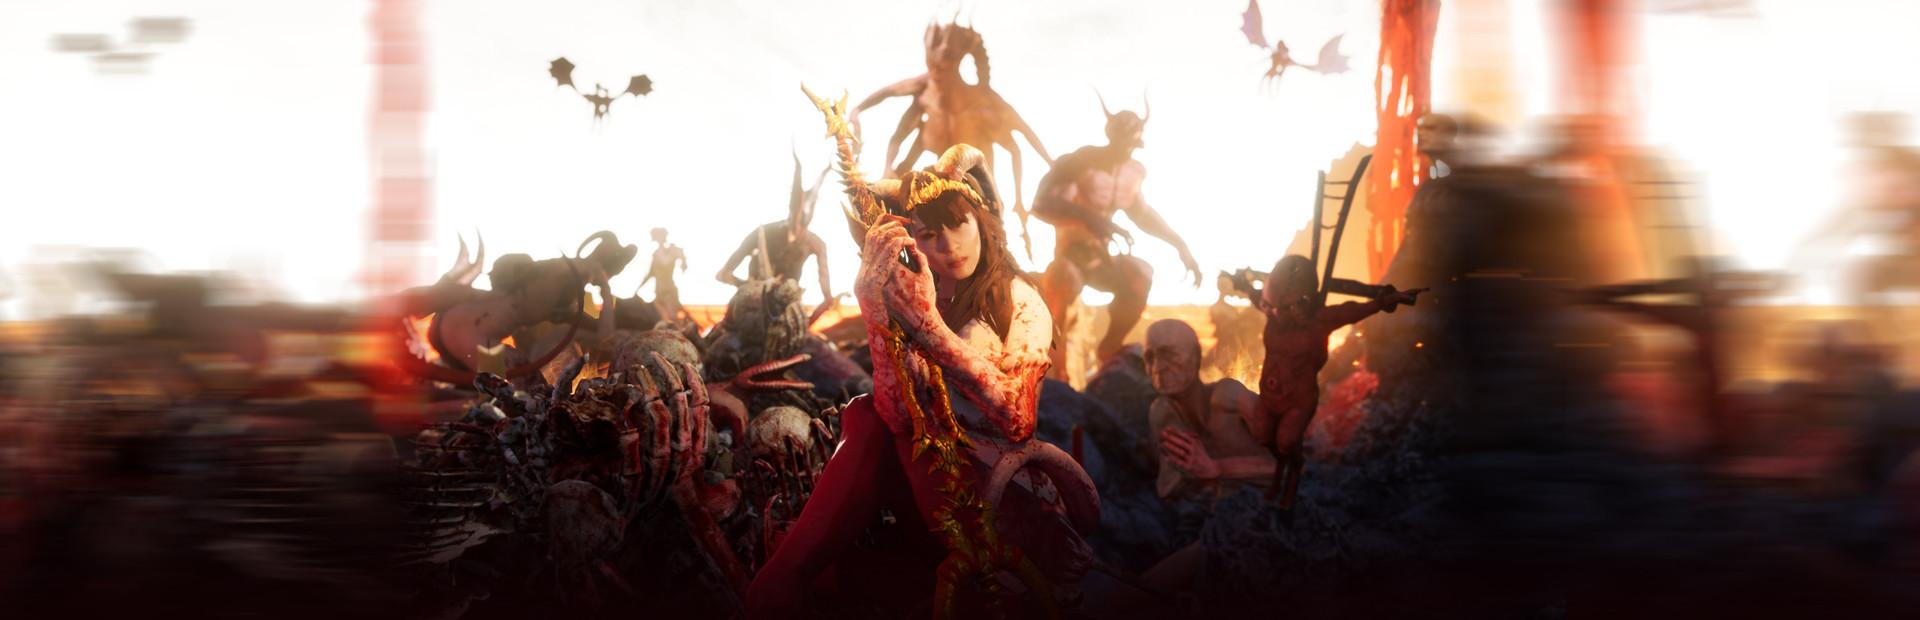 《魅魔》为了优化和改进游戏 宣布跳票至九月八日发售 游戏资讯 第3张